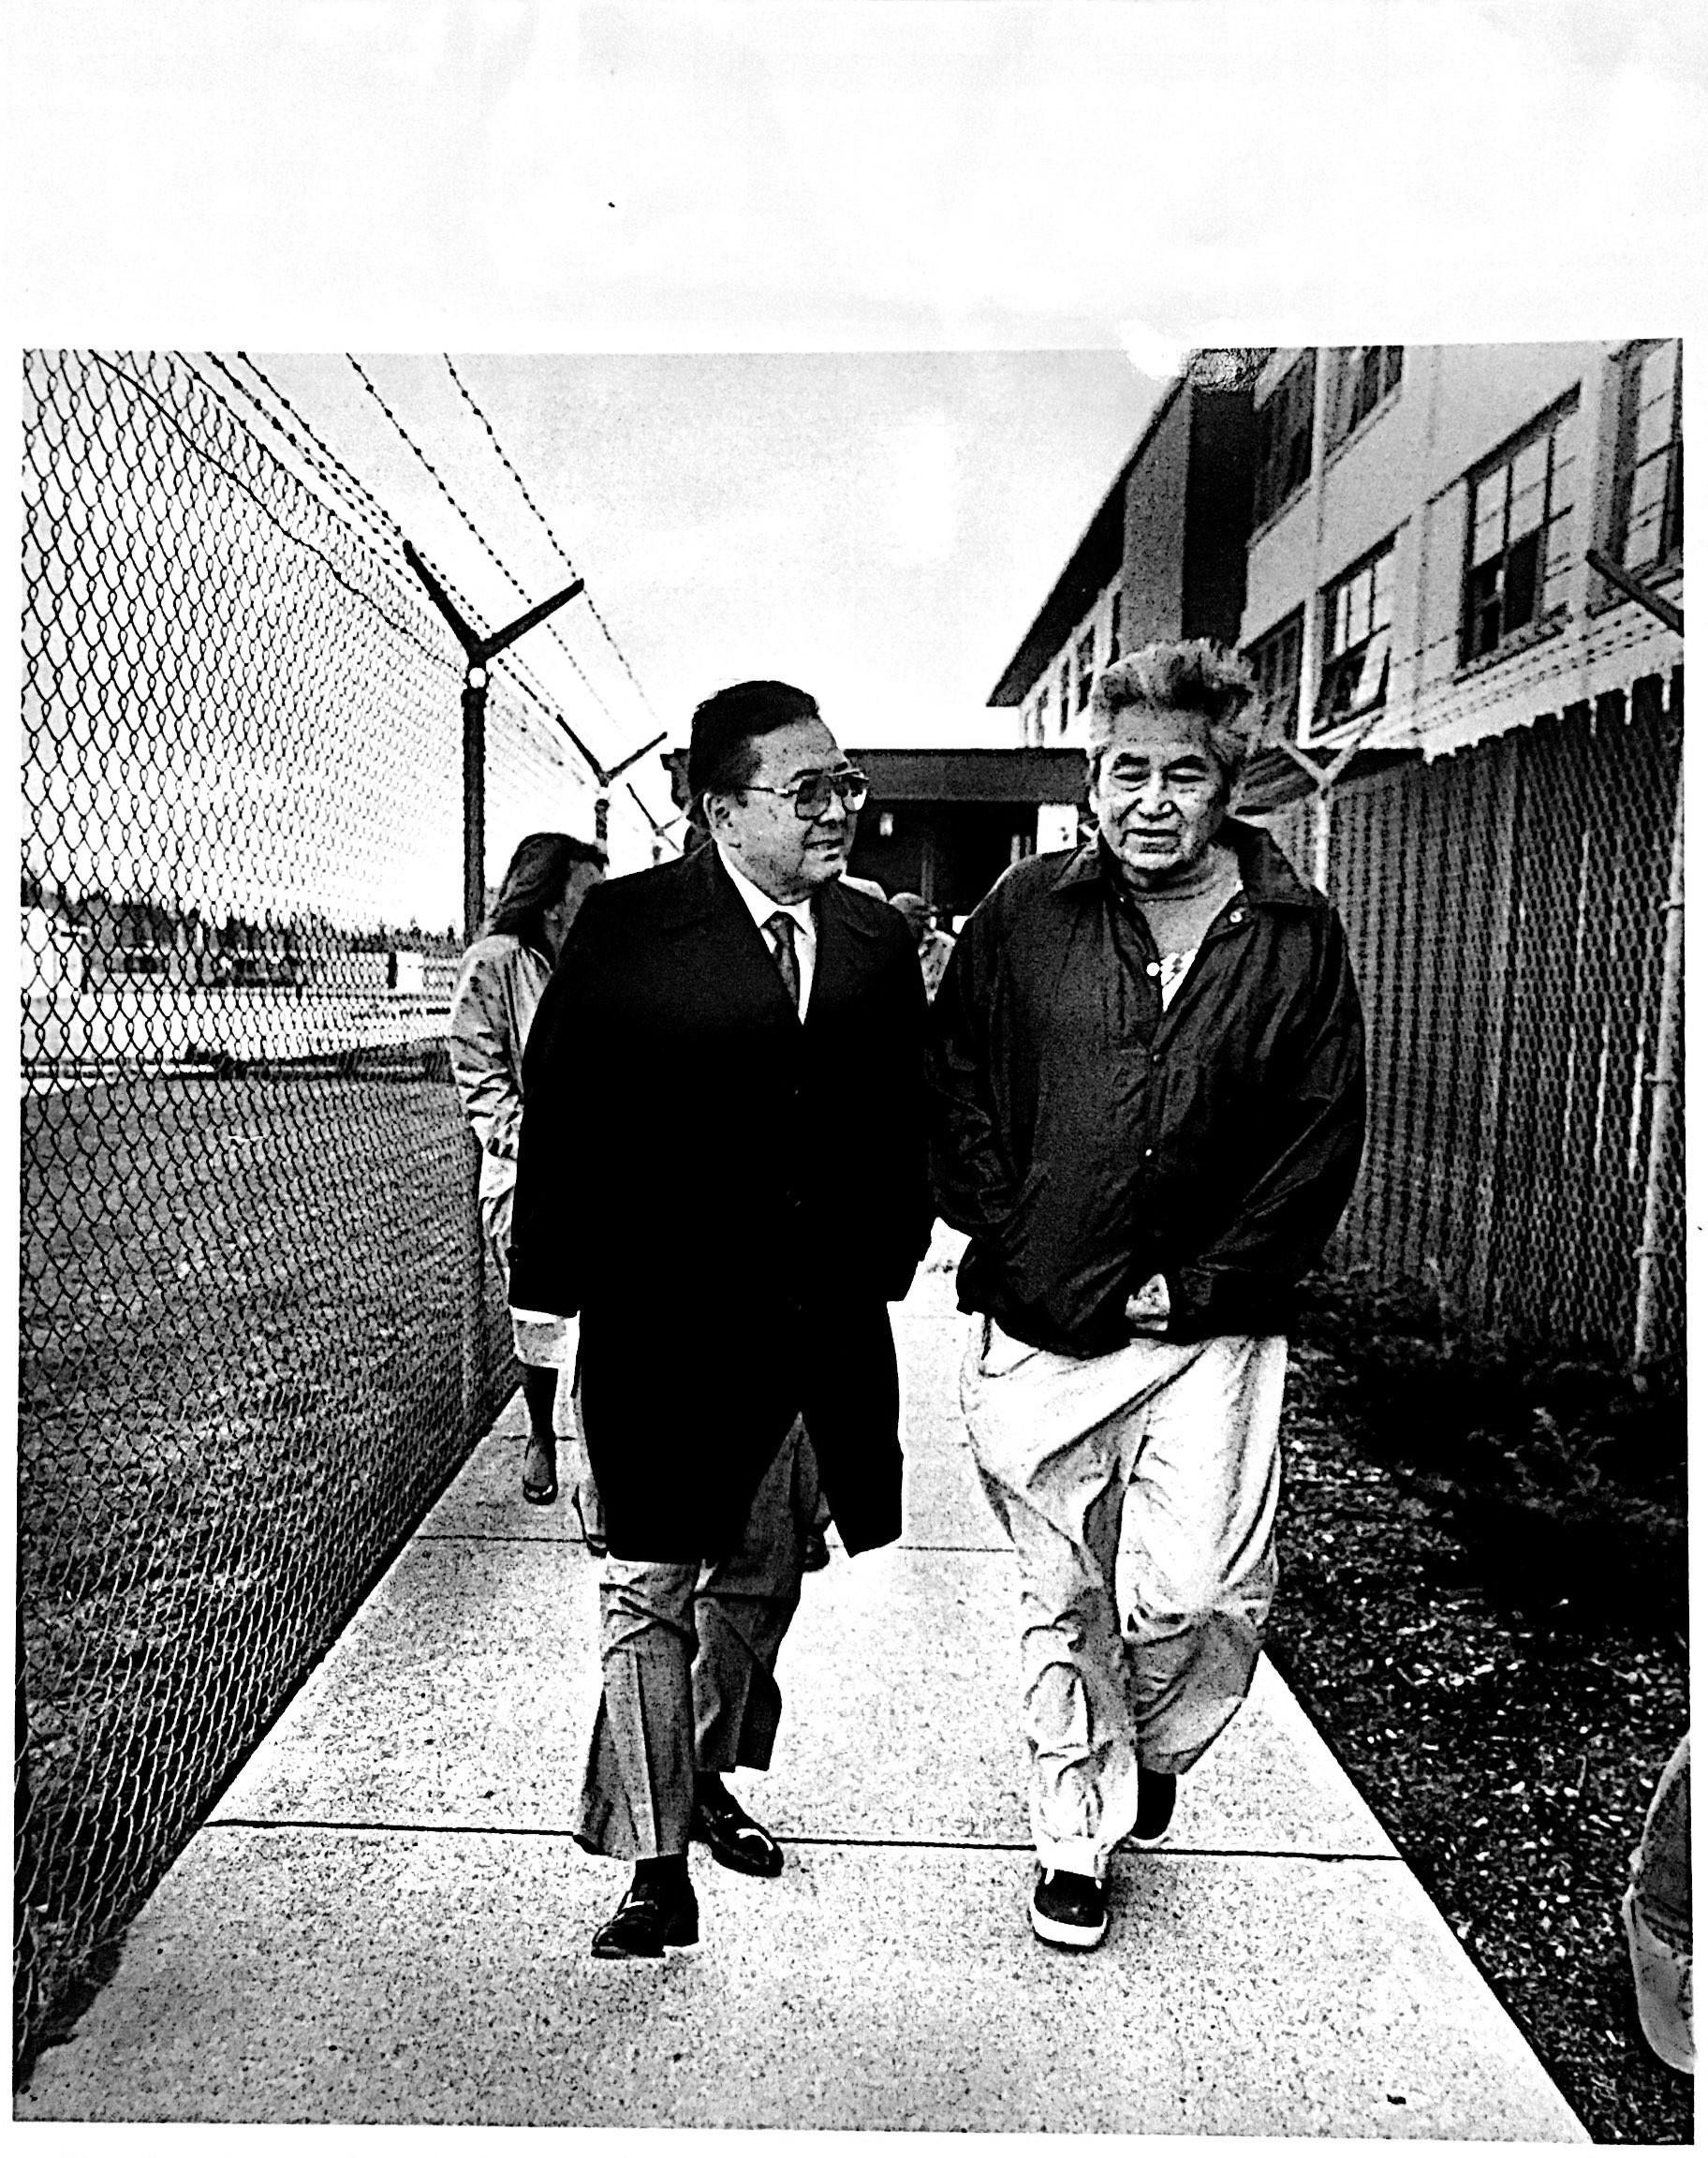 Senator Inouye walks with David Sohappy in jail